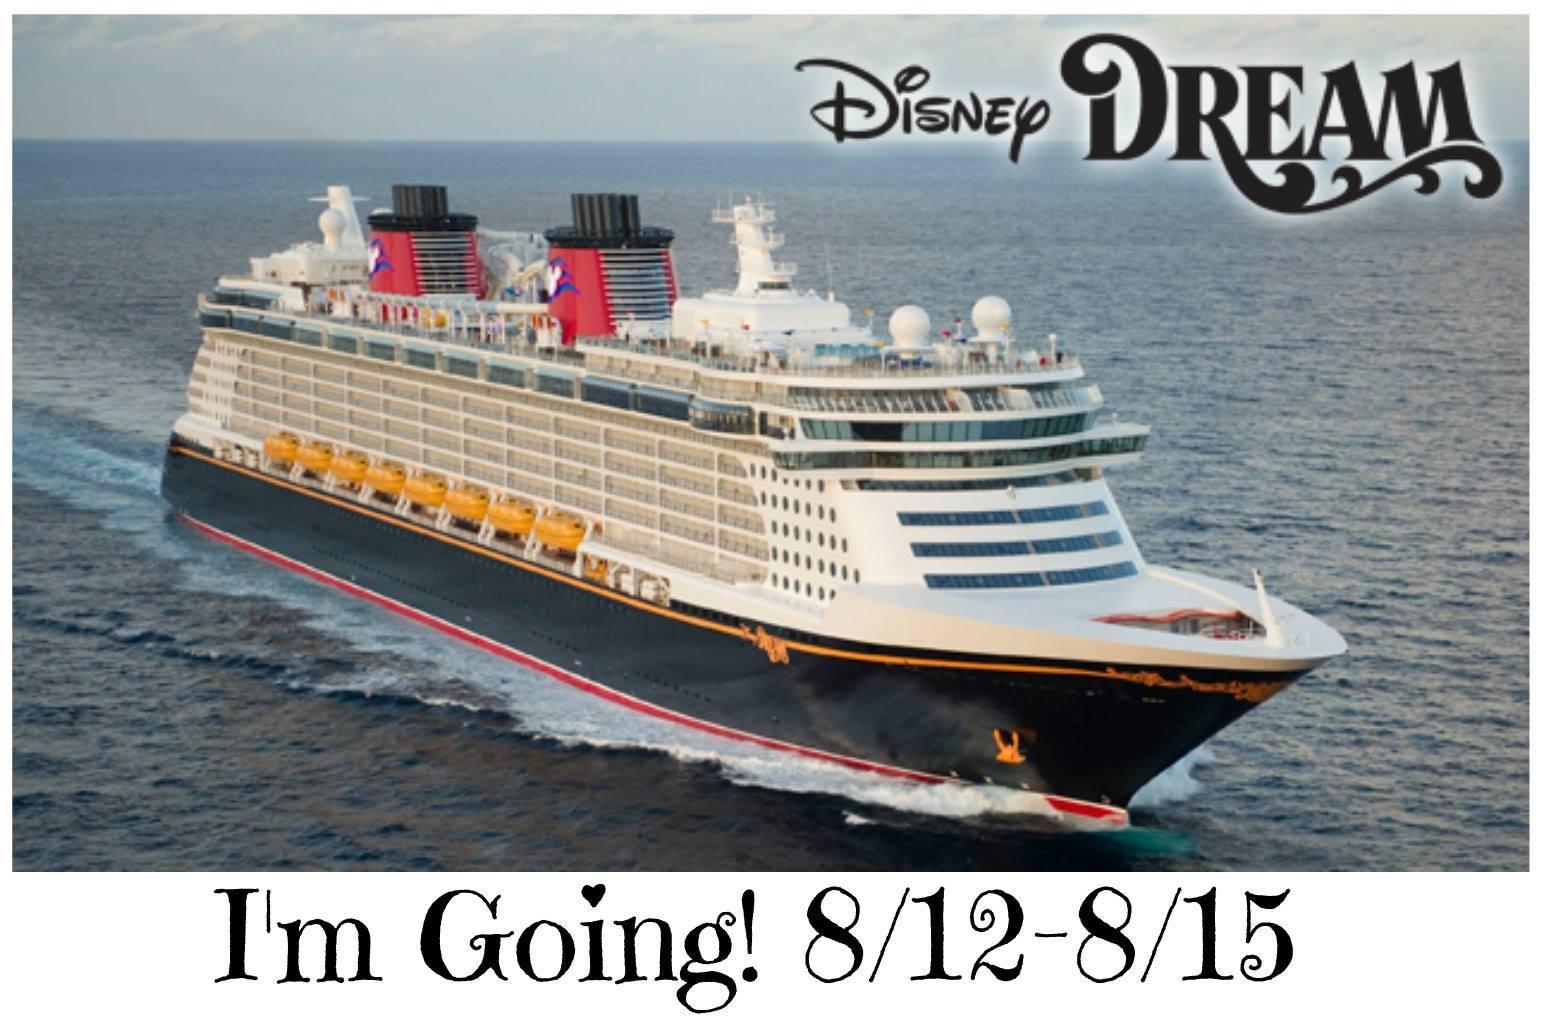 Disney Dream cruise liner